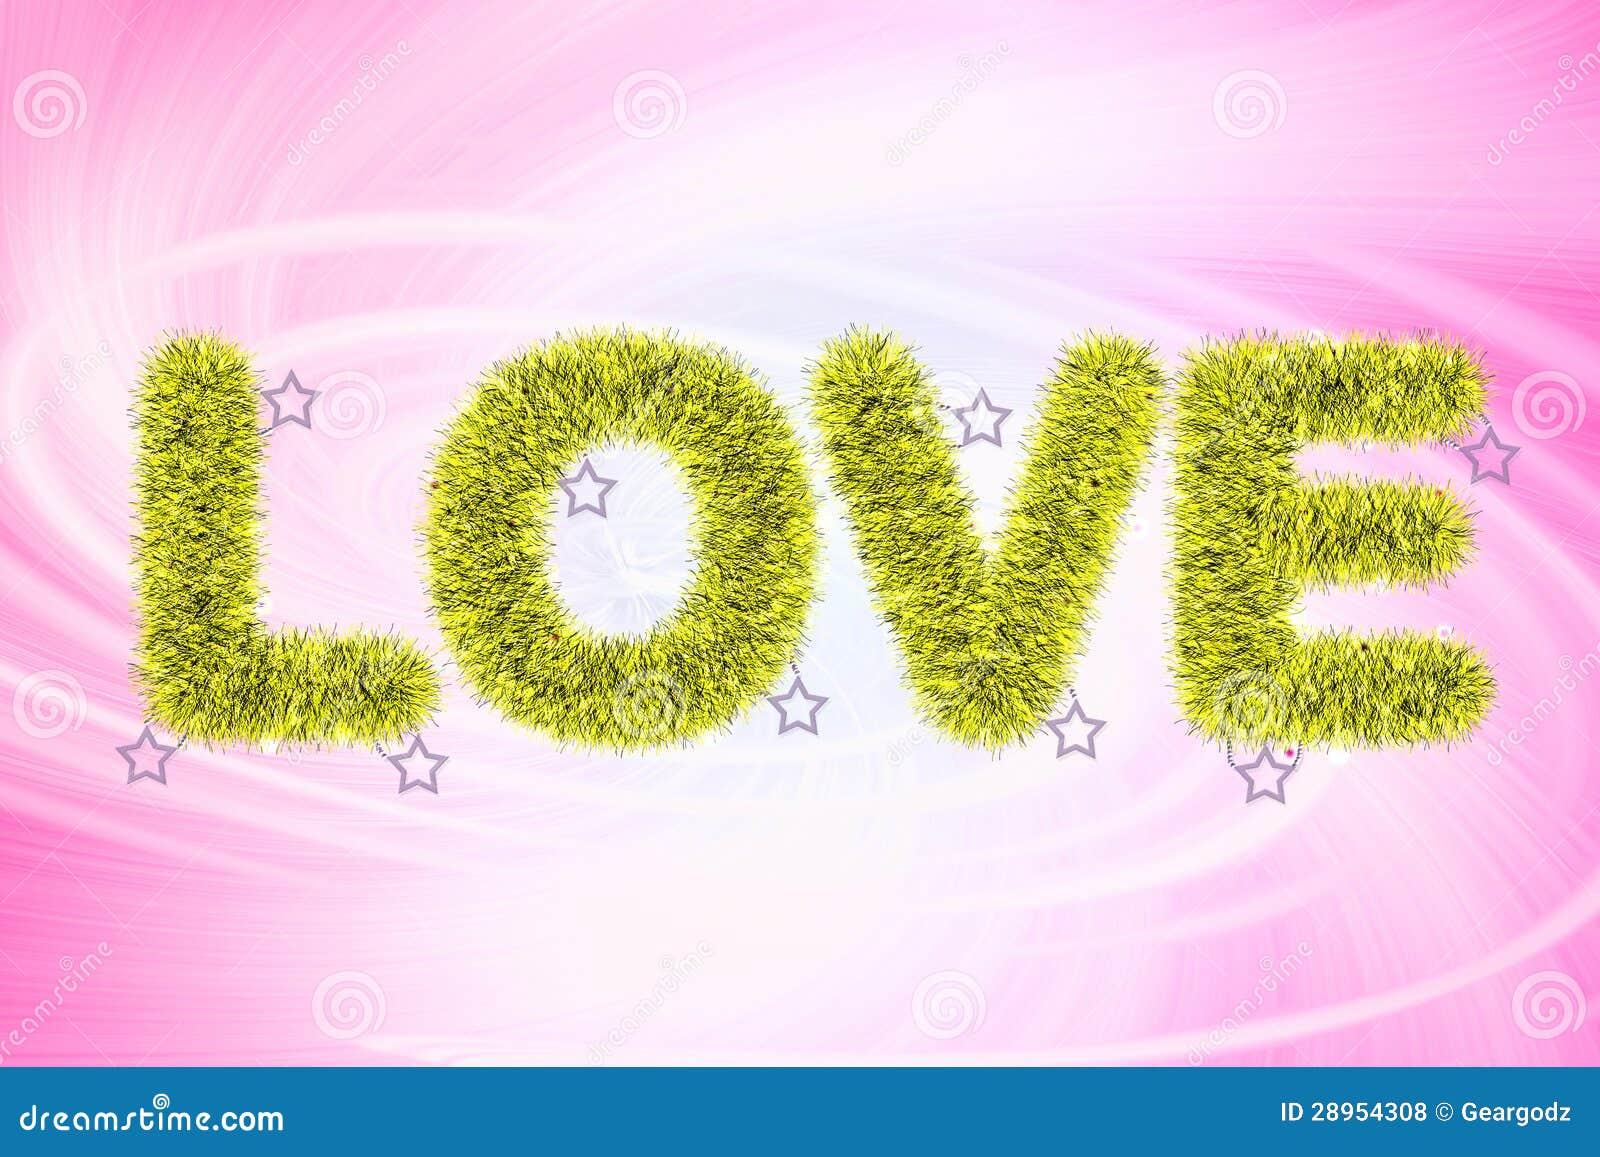 Tekst miłość z świecidełko wzorem